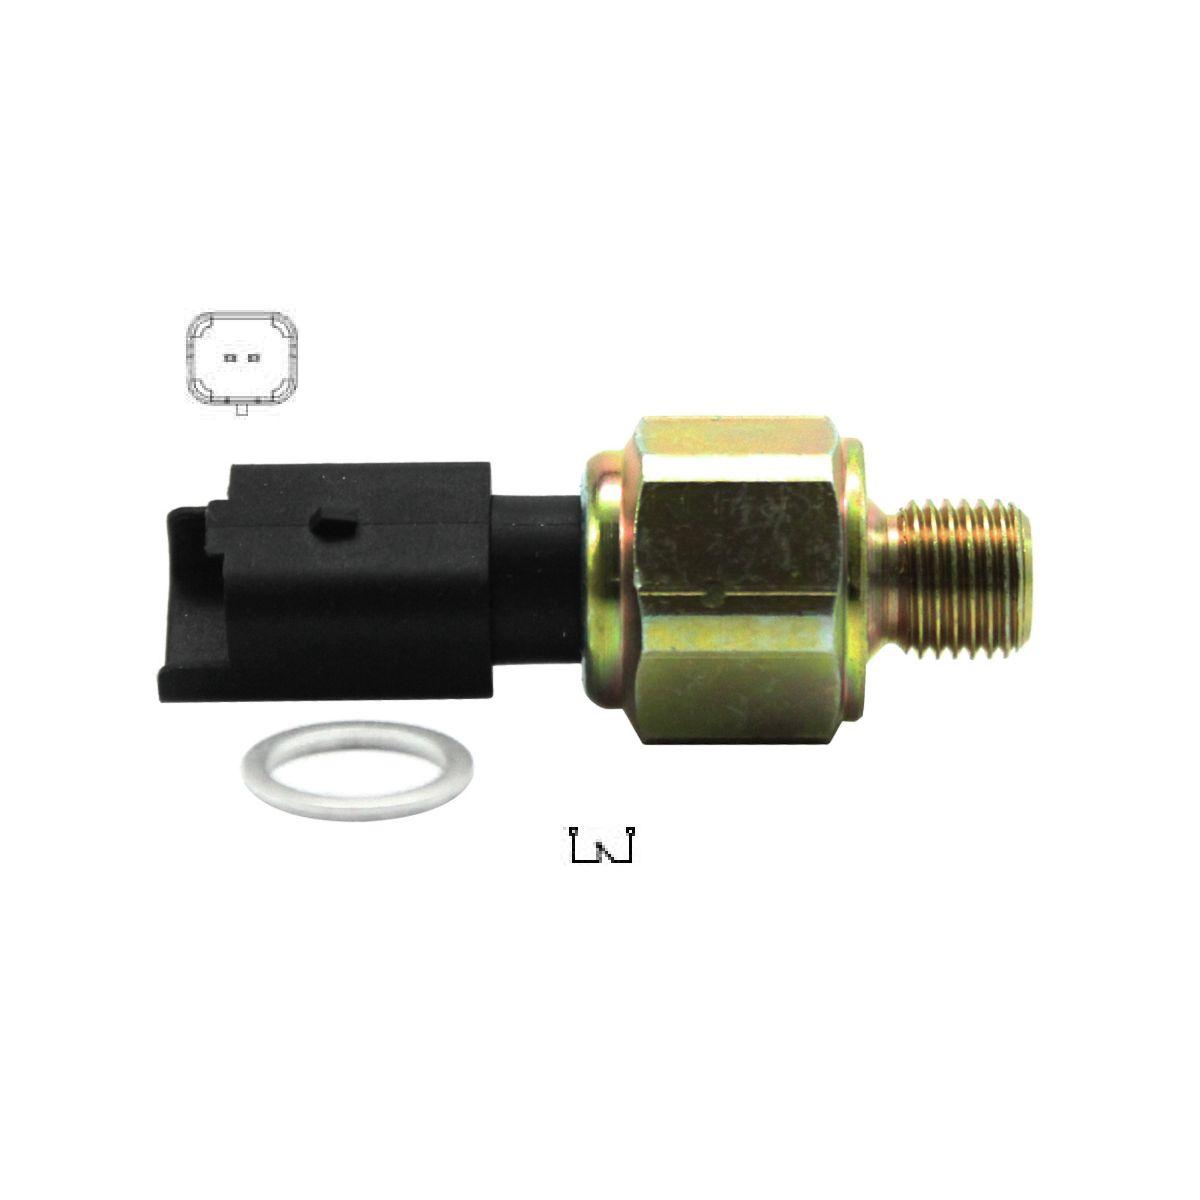 Interruptor De Pressão Da Direção Hidráulica 3-RHO 9906